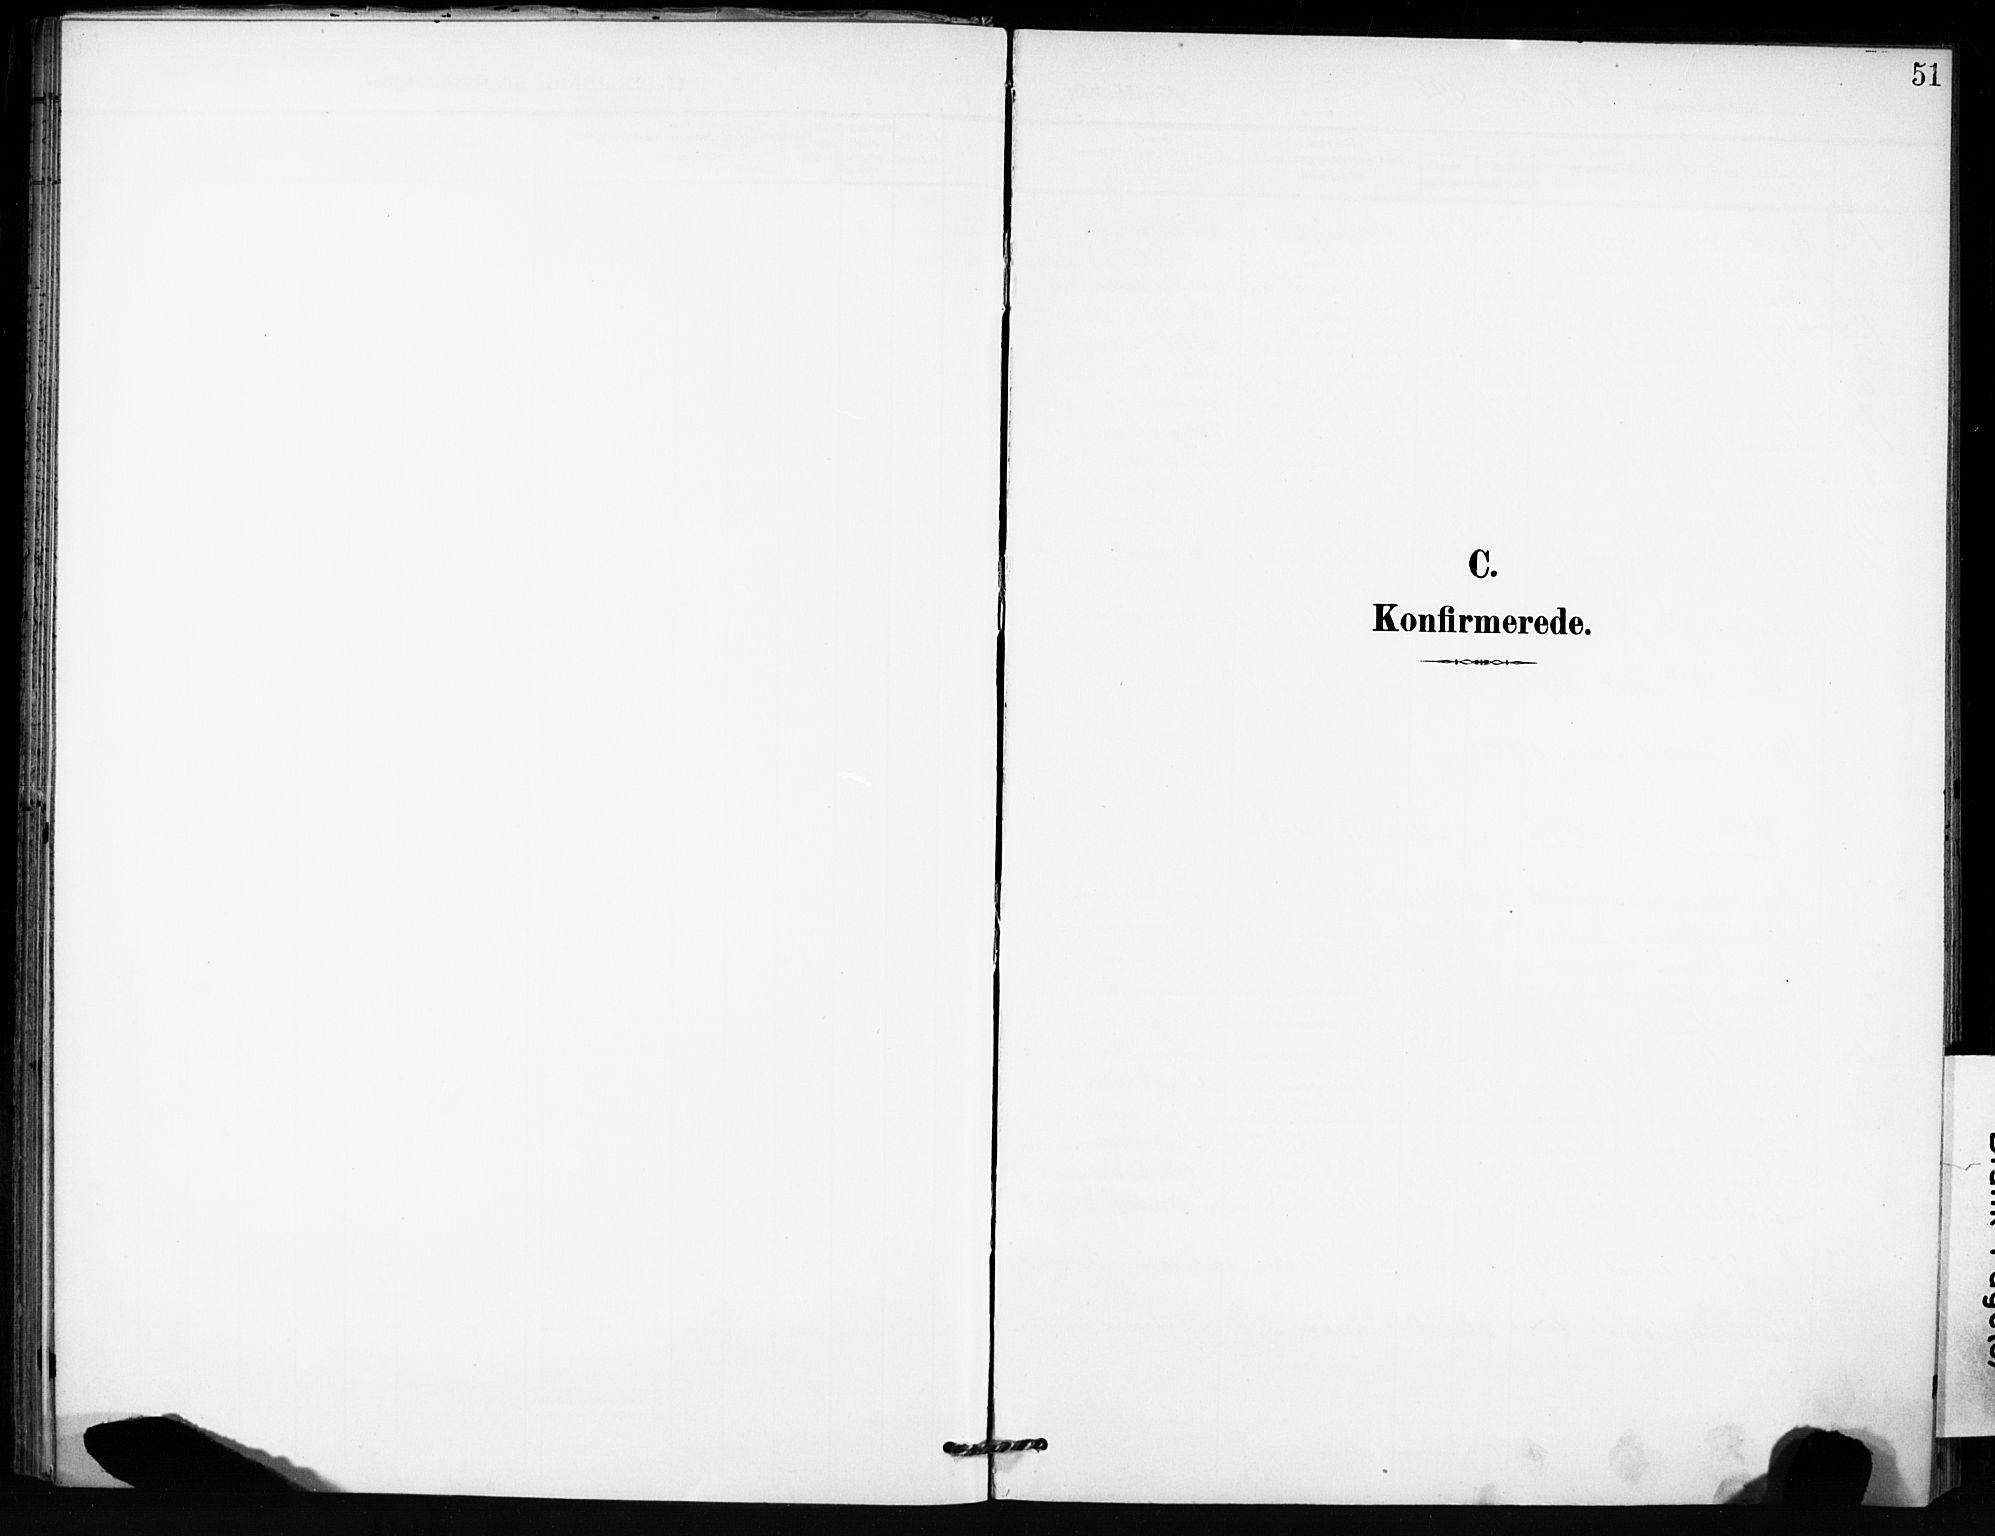 SAT, Ministerialprotokoller, klokkerbøker og fødselsregistre - Sør-Trøndelag, 666/L0787: Ministerialbok nr. 666A05, 1895-1908, s. 51